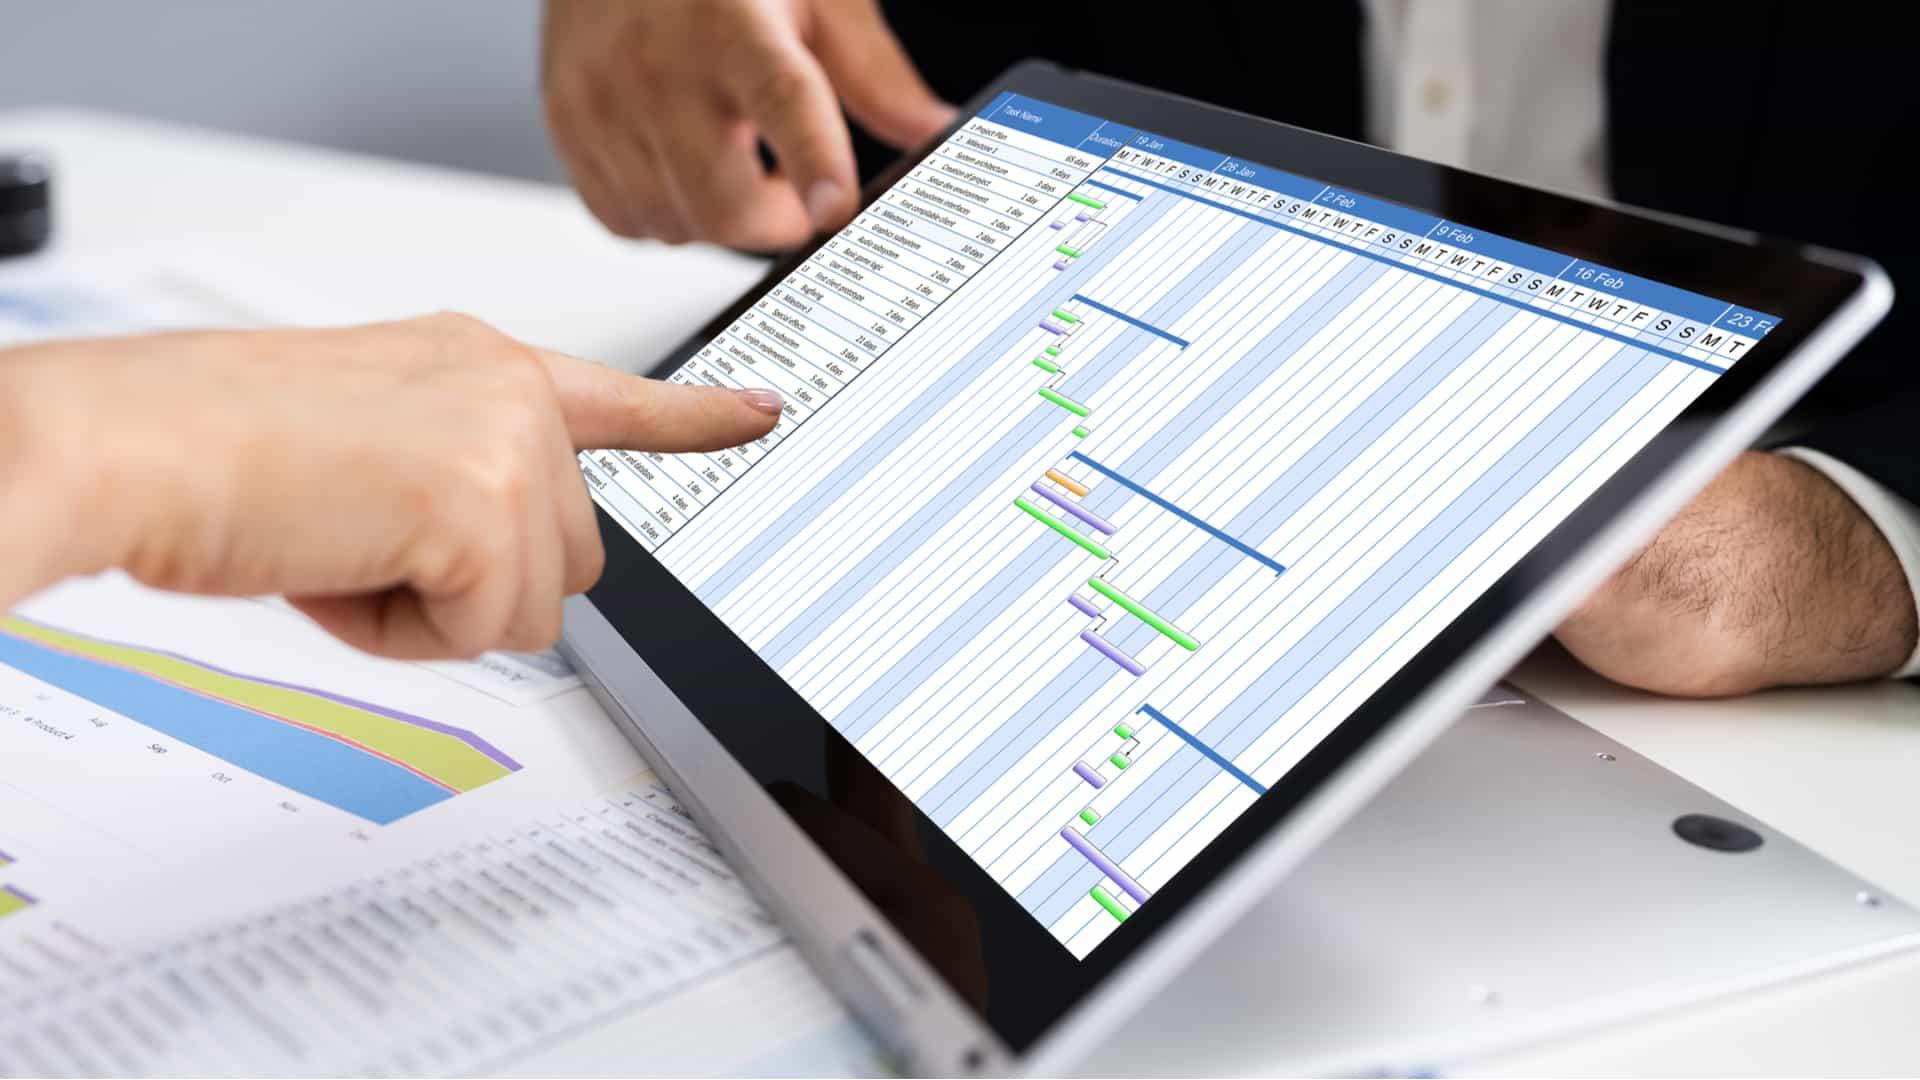 Los 5 mejores software de gestión de Recursos Humanos para empresas